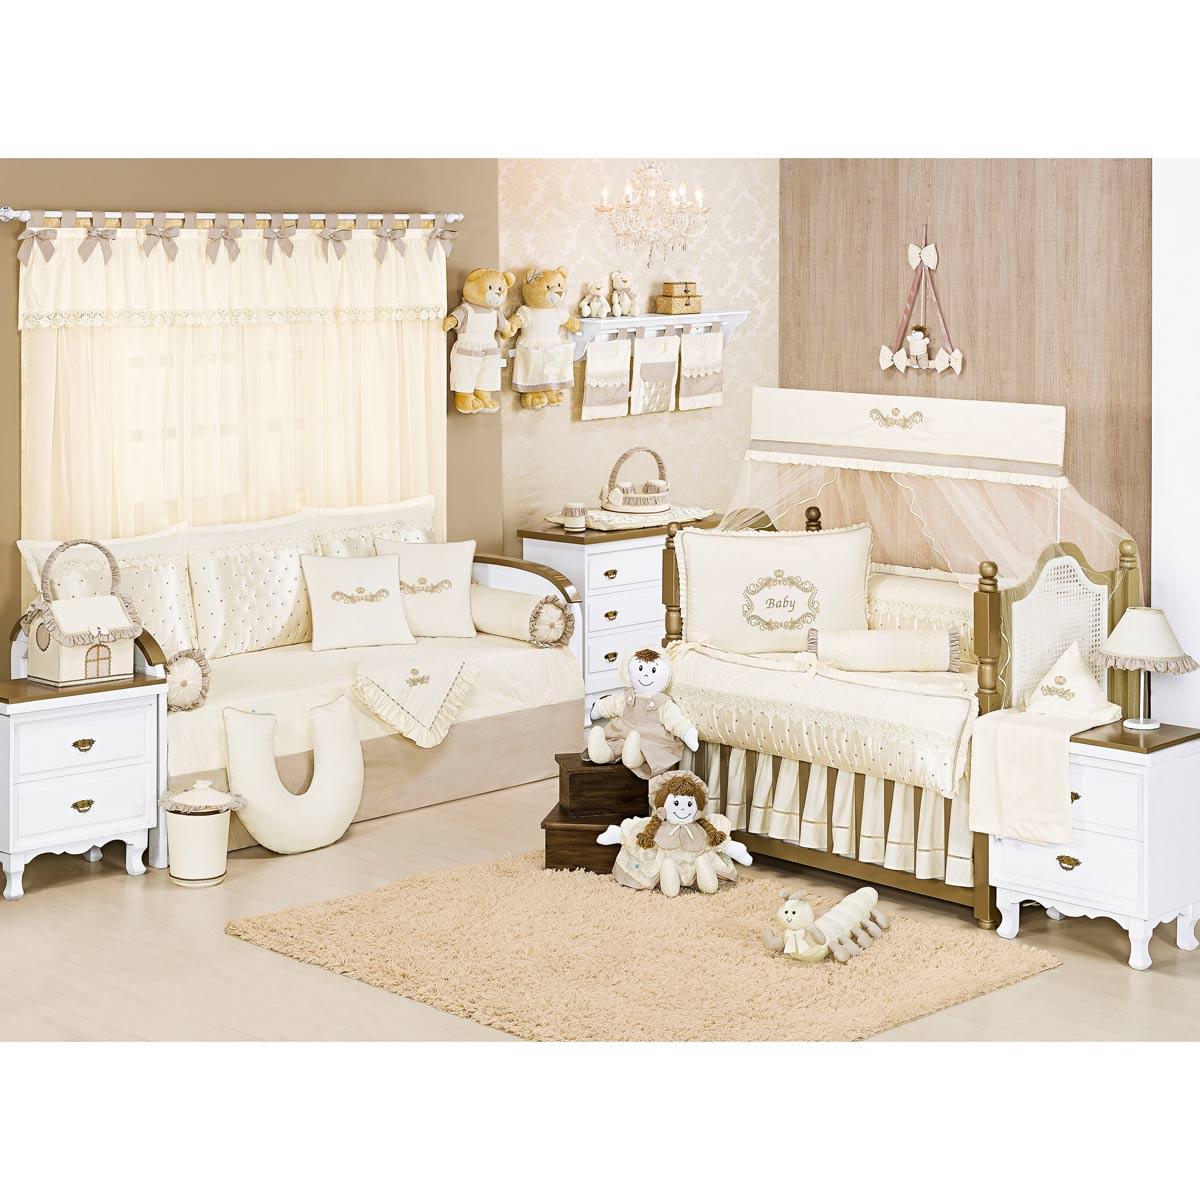 Lixeira Enfeitada para Quarto de Bebê - Coleção Imperial Palha